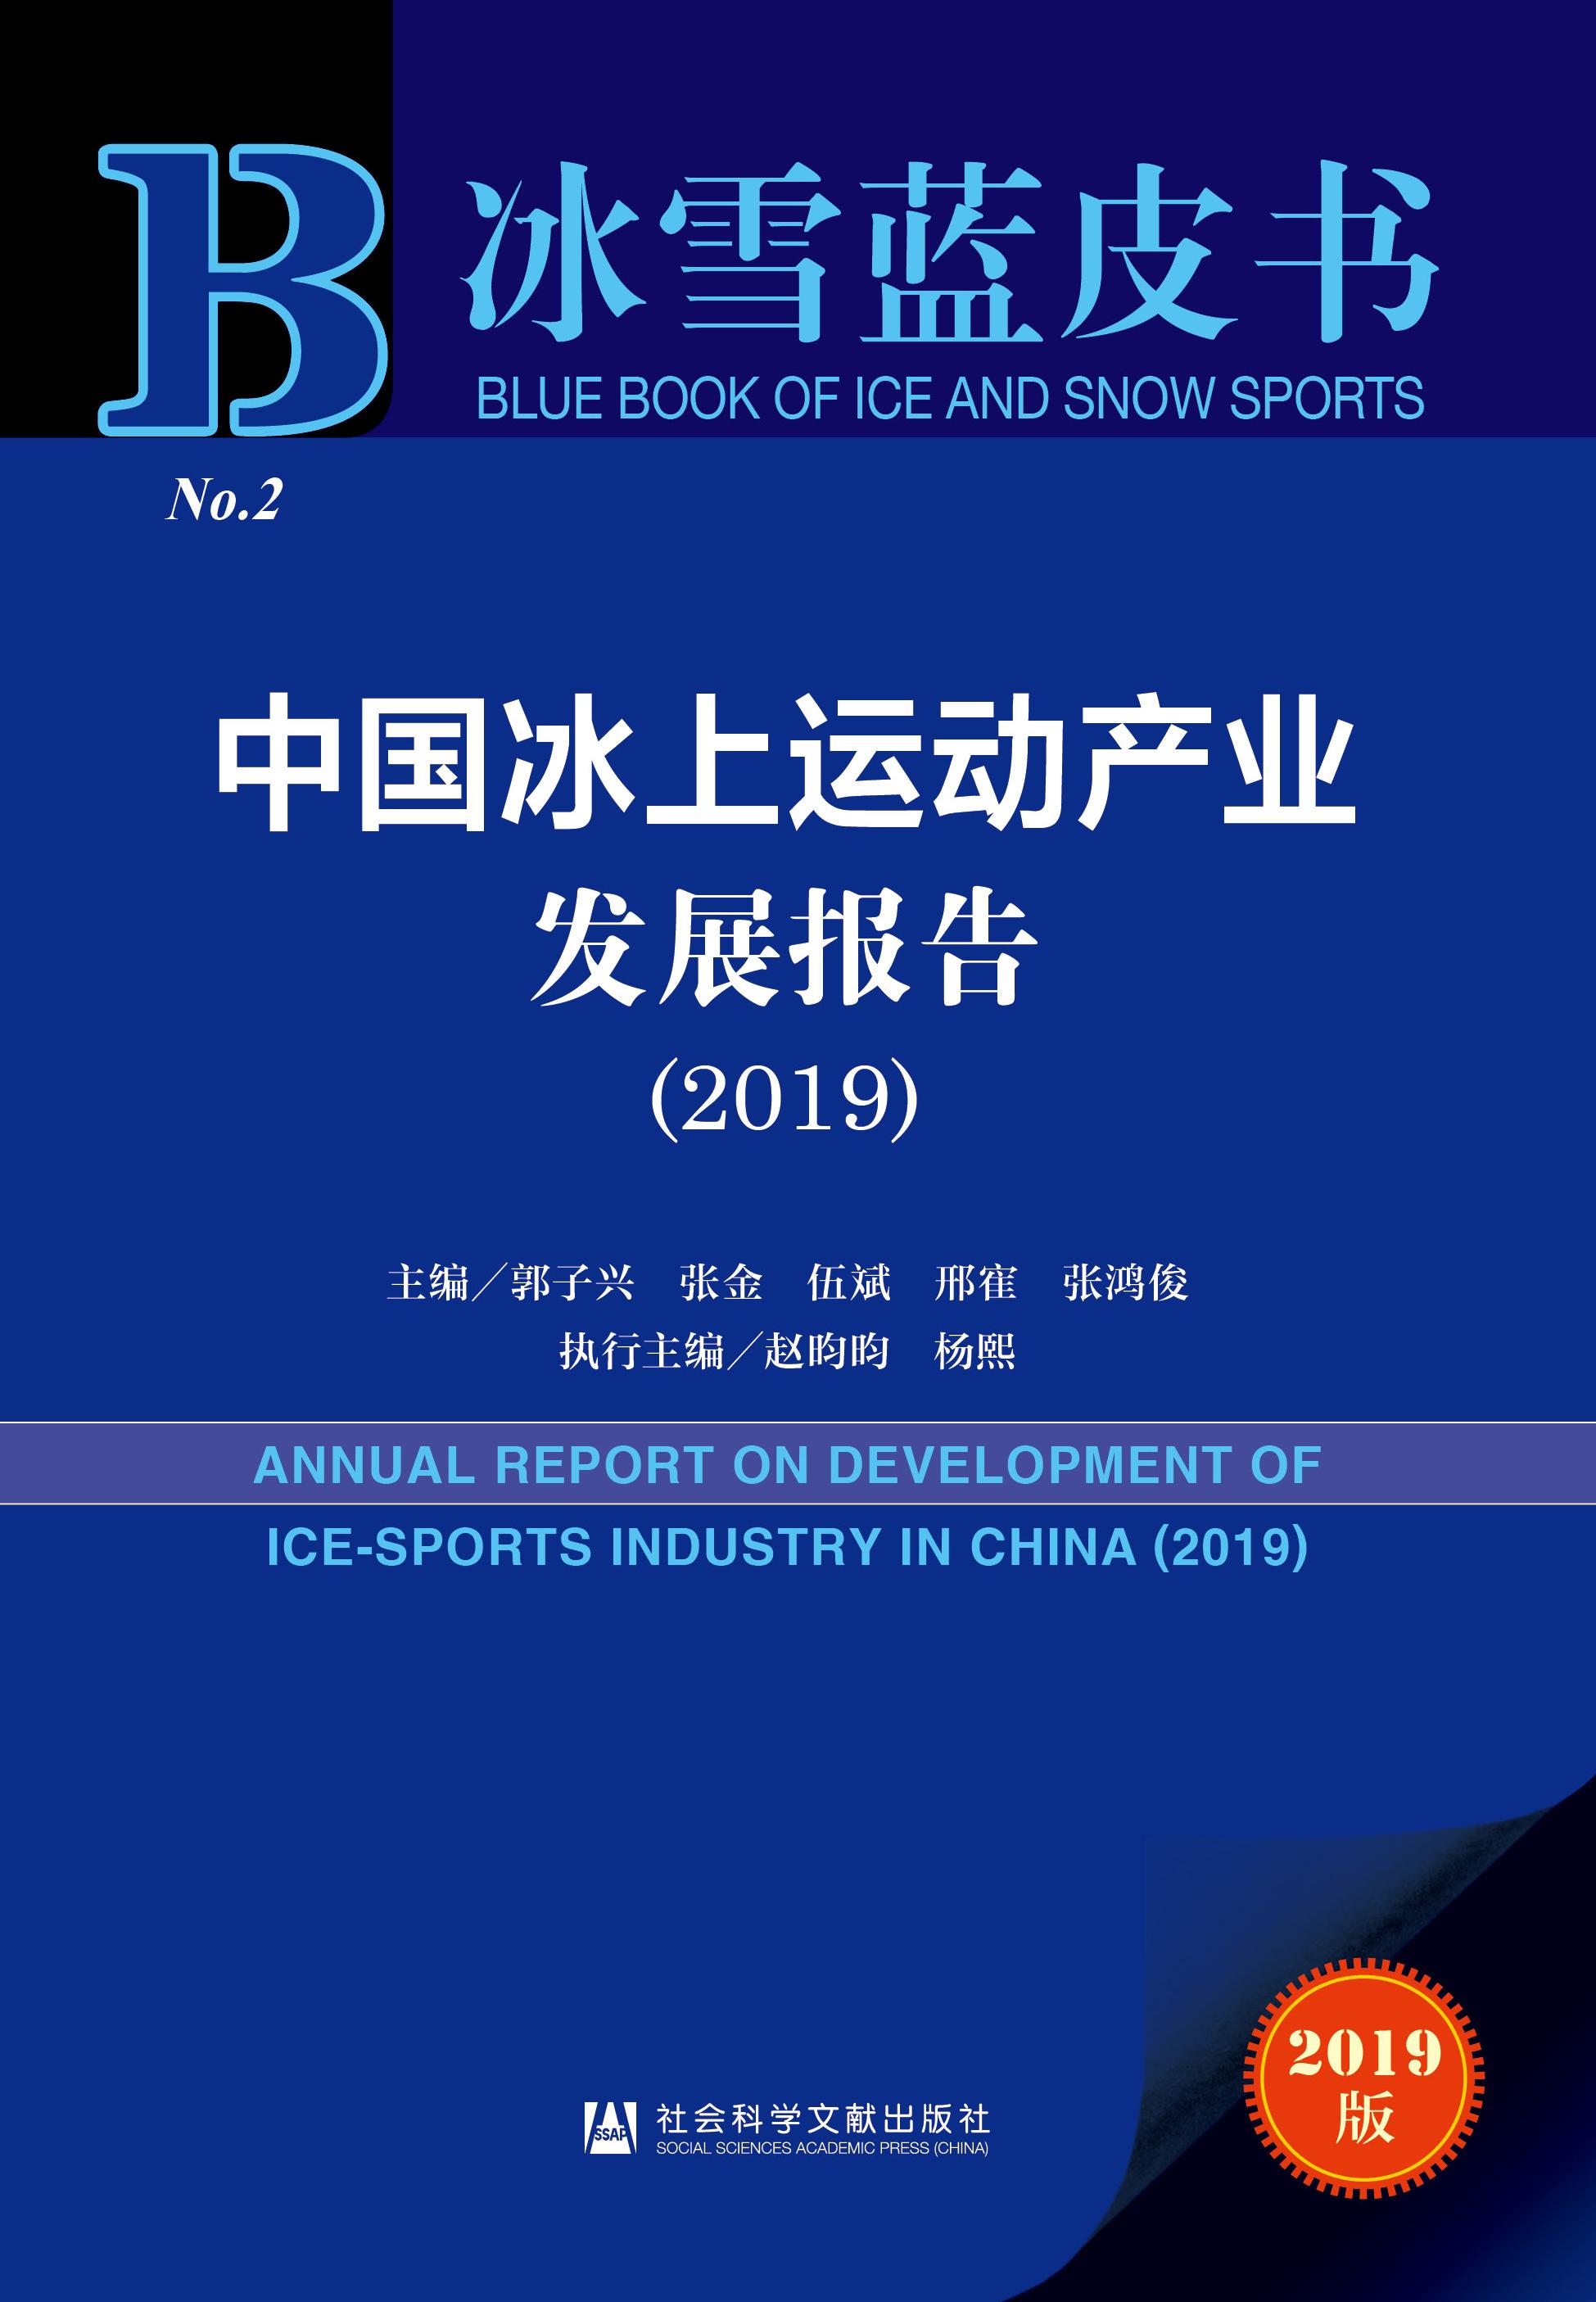 中国冰上运动产业发展报告(2019)